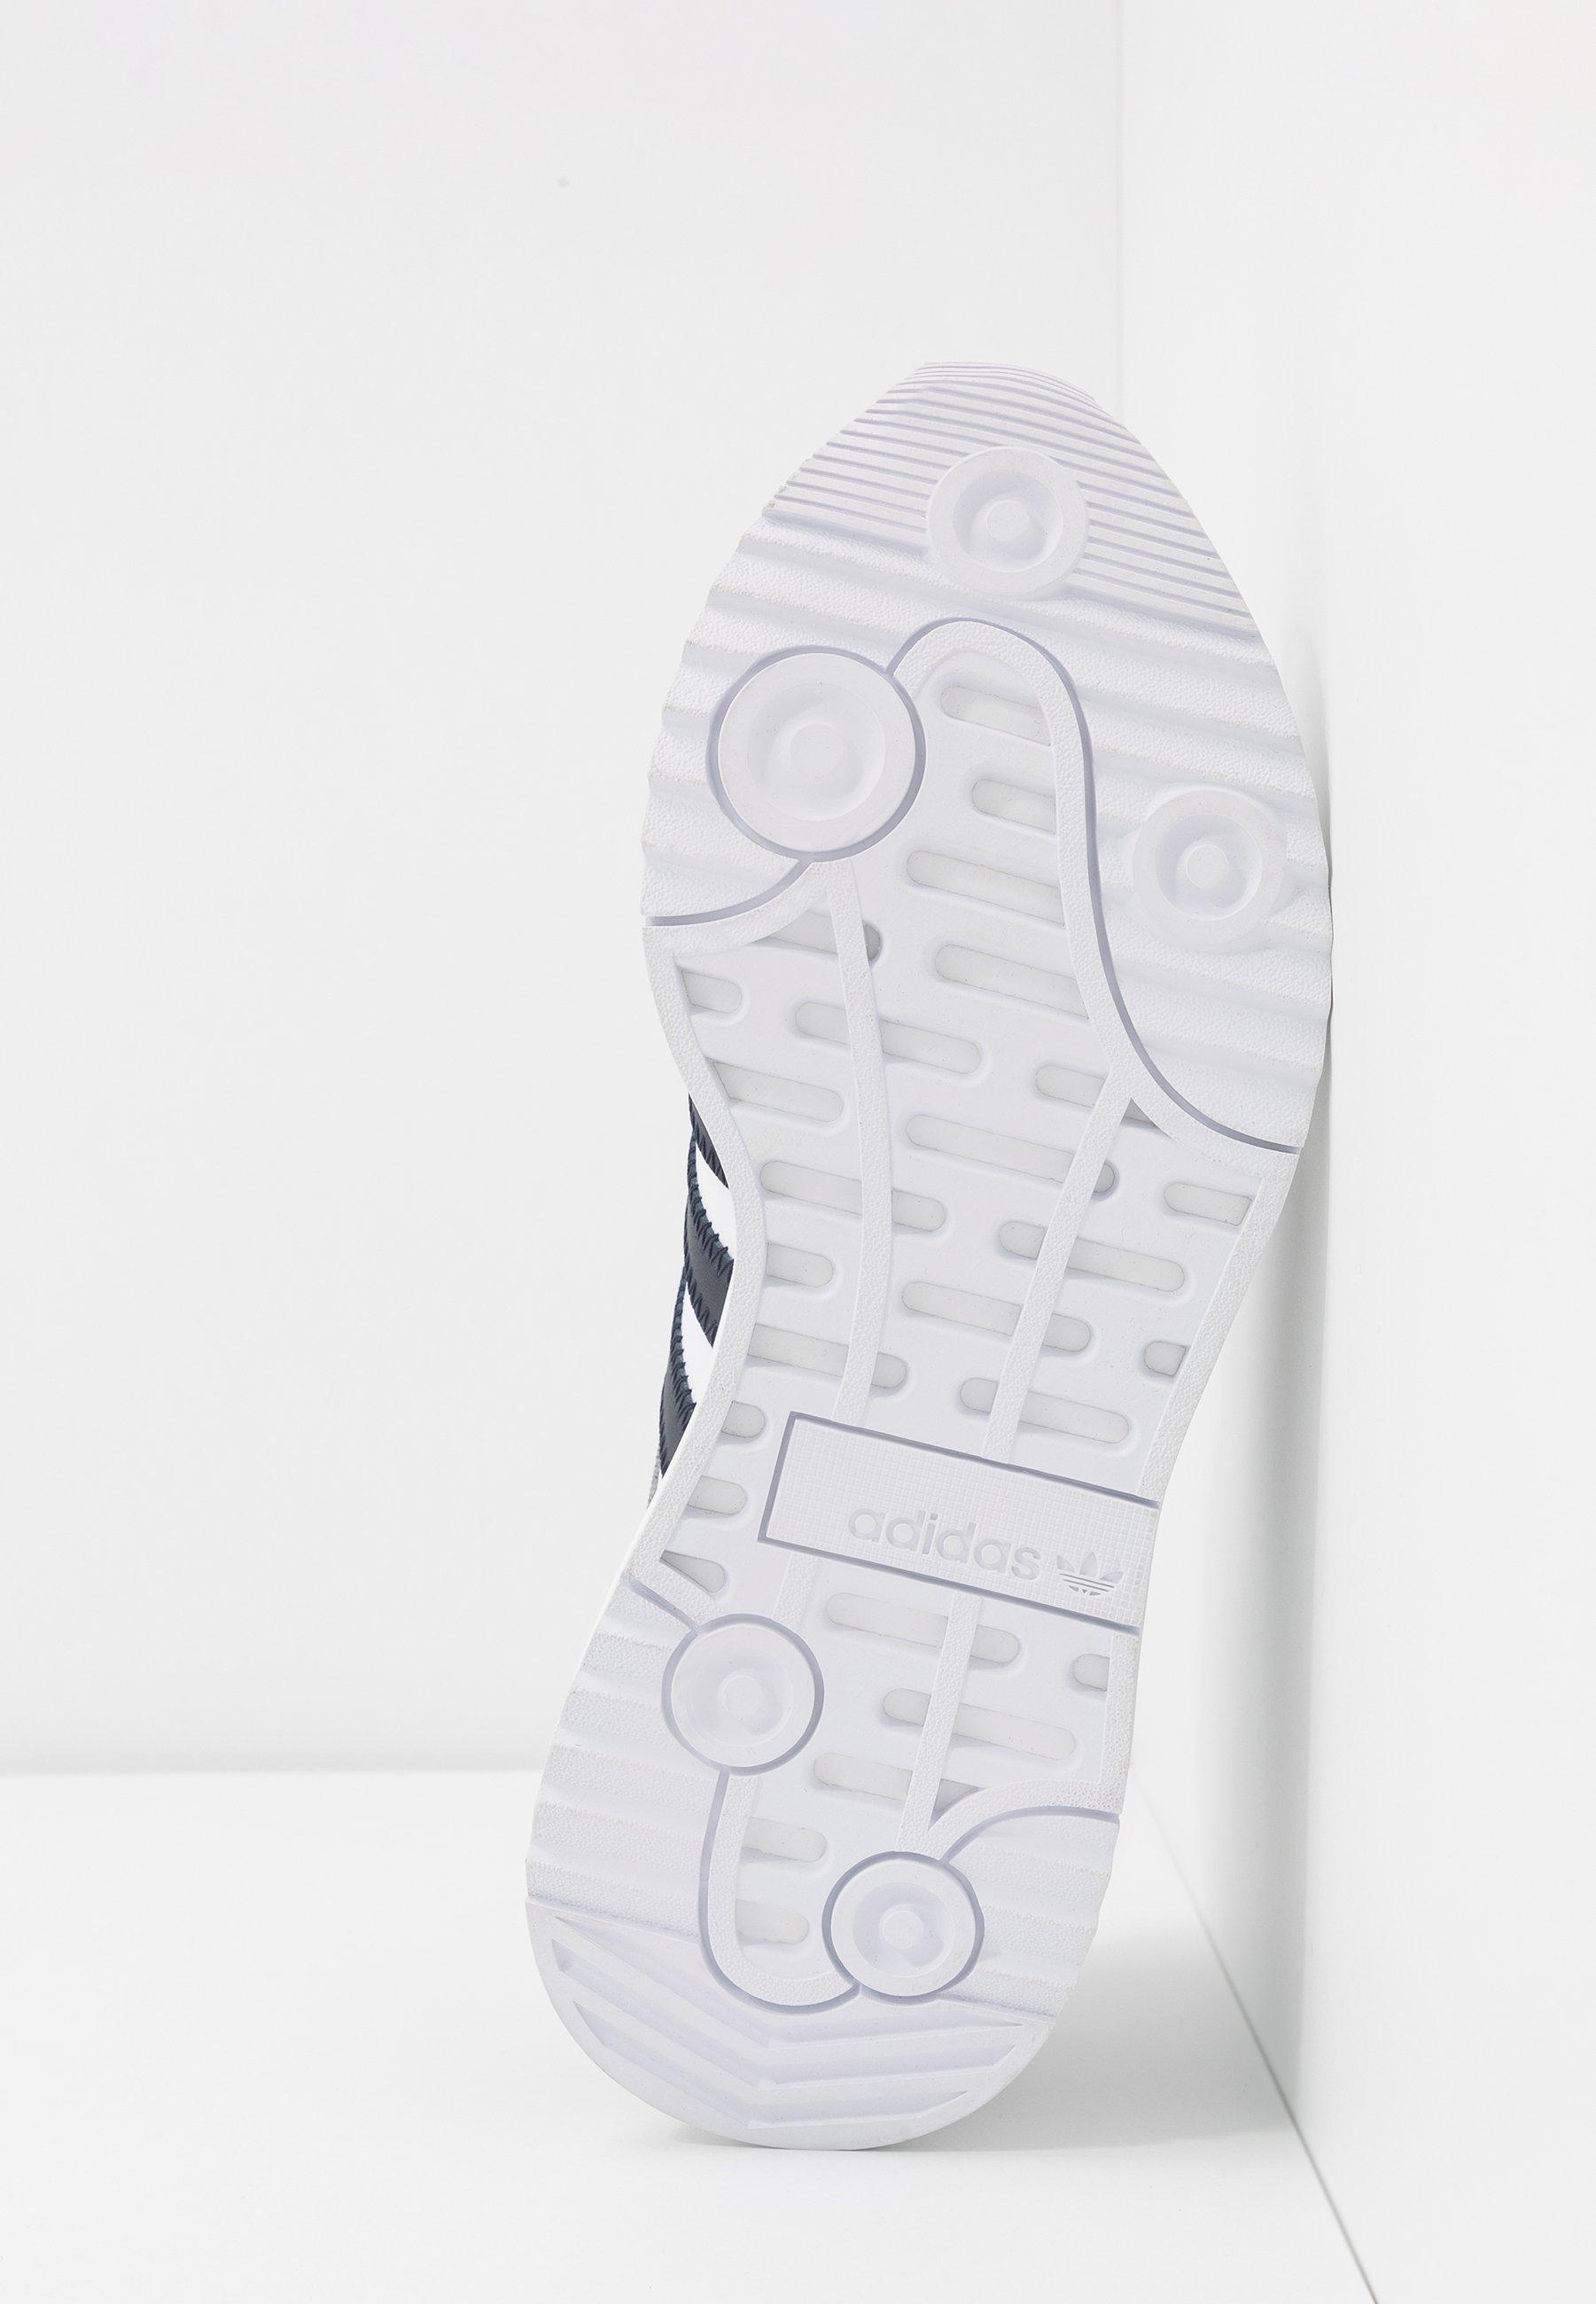 Adidas Originals Andridge - Sneakers Footwear White/legend Ink/glow Pink